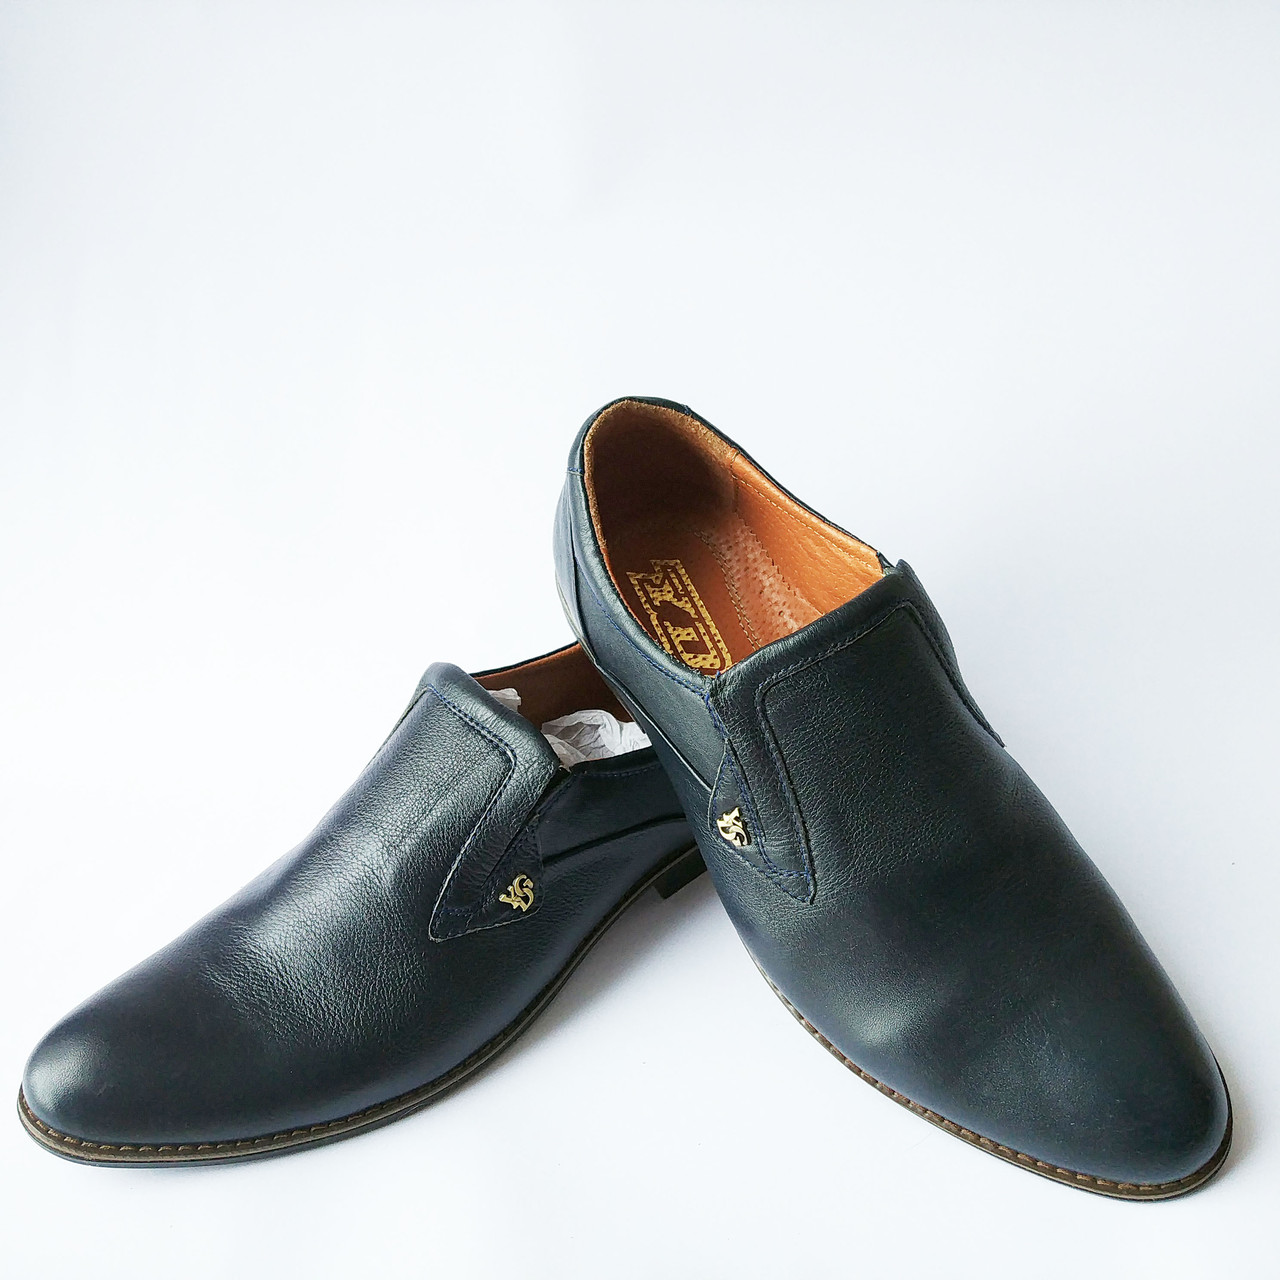 Харьковская обувь фабрика YDG   кожаные, синие, классические туфли ... 314107a1c43